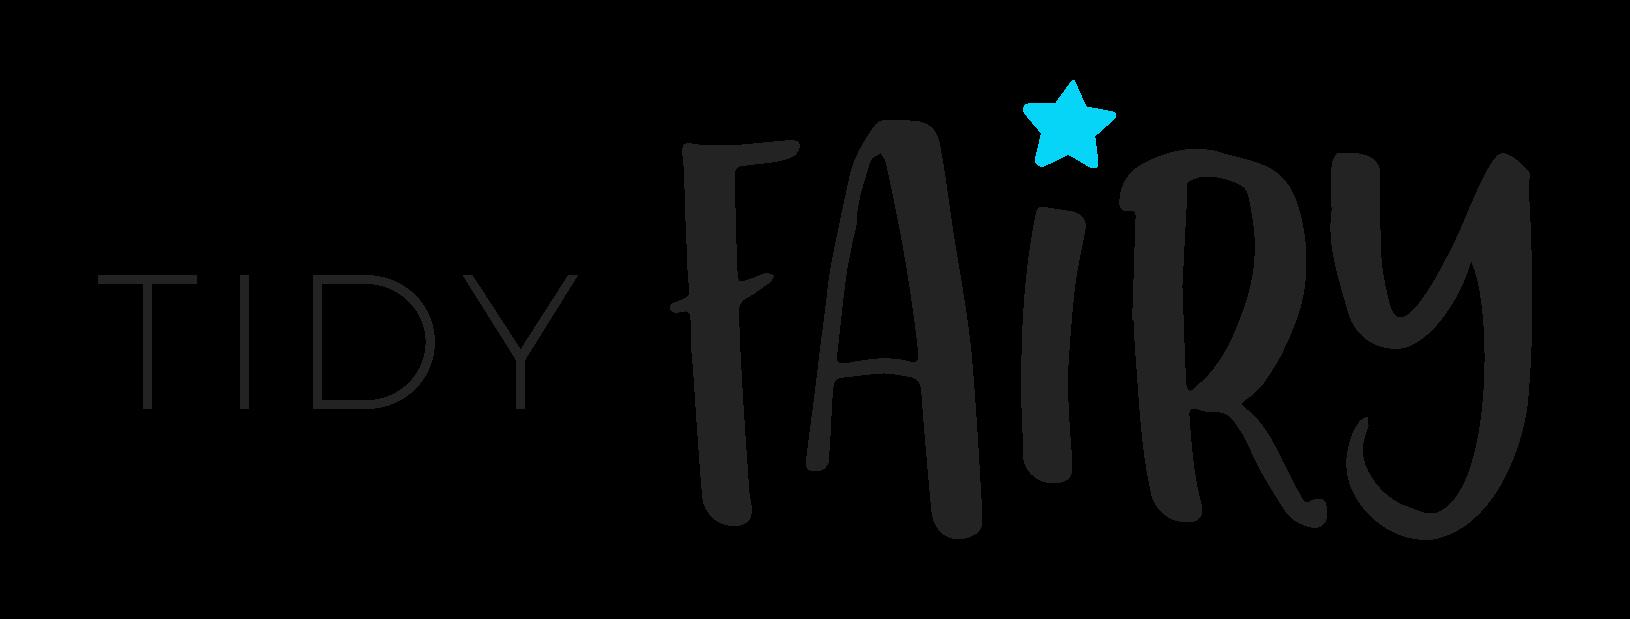 tf_logo-05.png